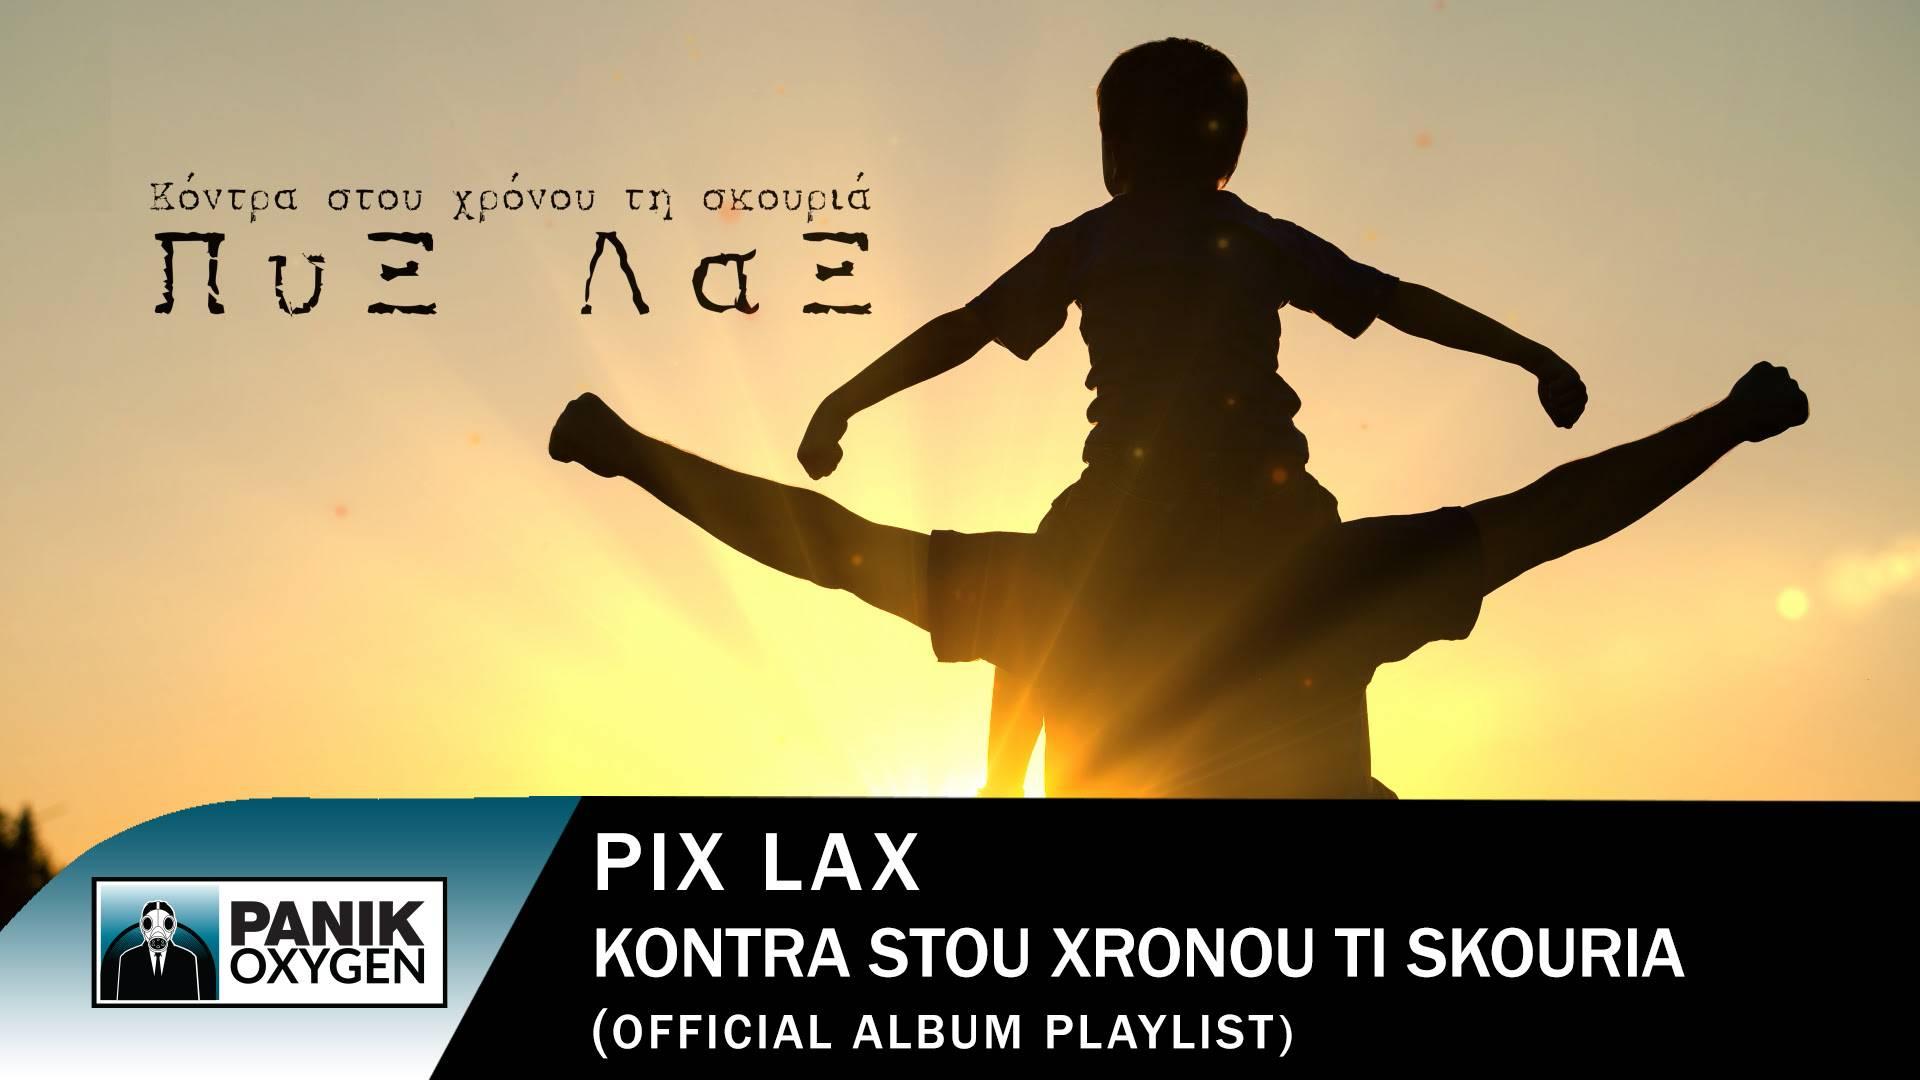 «Kόντρα Στου Χρόνου Τη Σκουριά» | Το Νέο EP των Πυξ Λαξ κυκλοφορεί από την Panik Oxygen